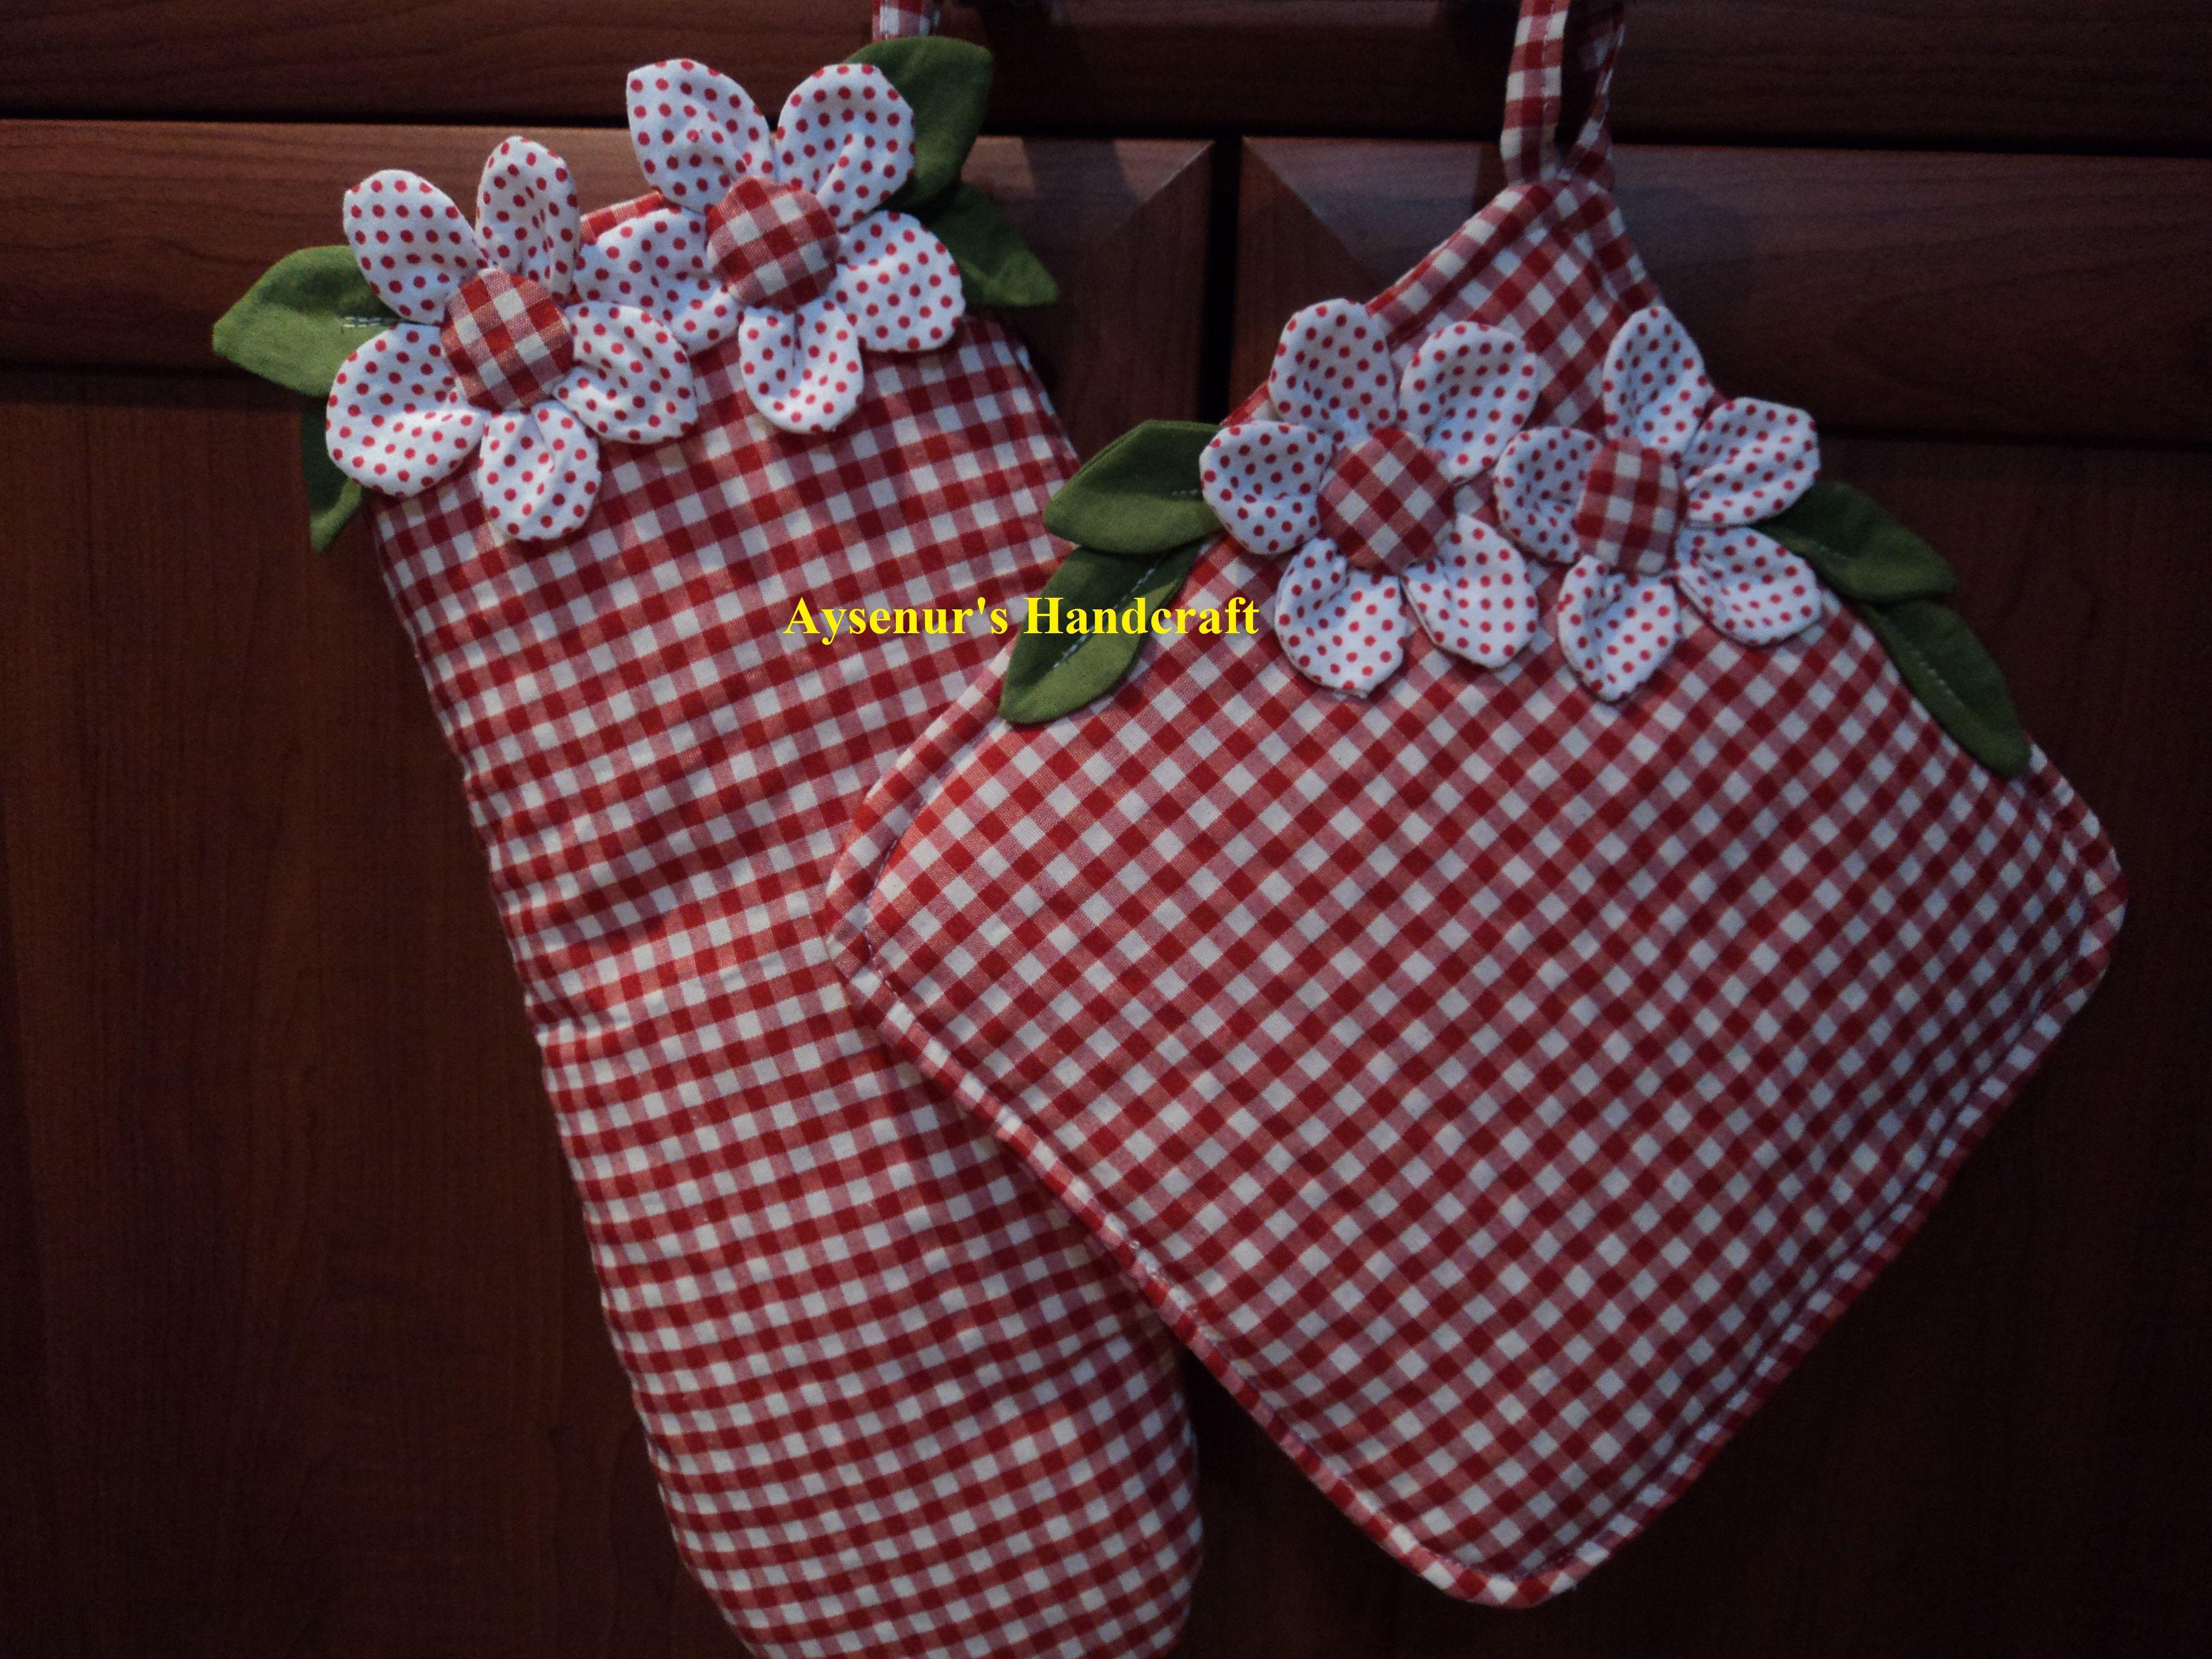 çiçekli fırın eldiveni ve tutacak